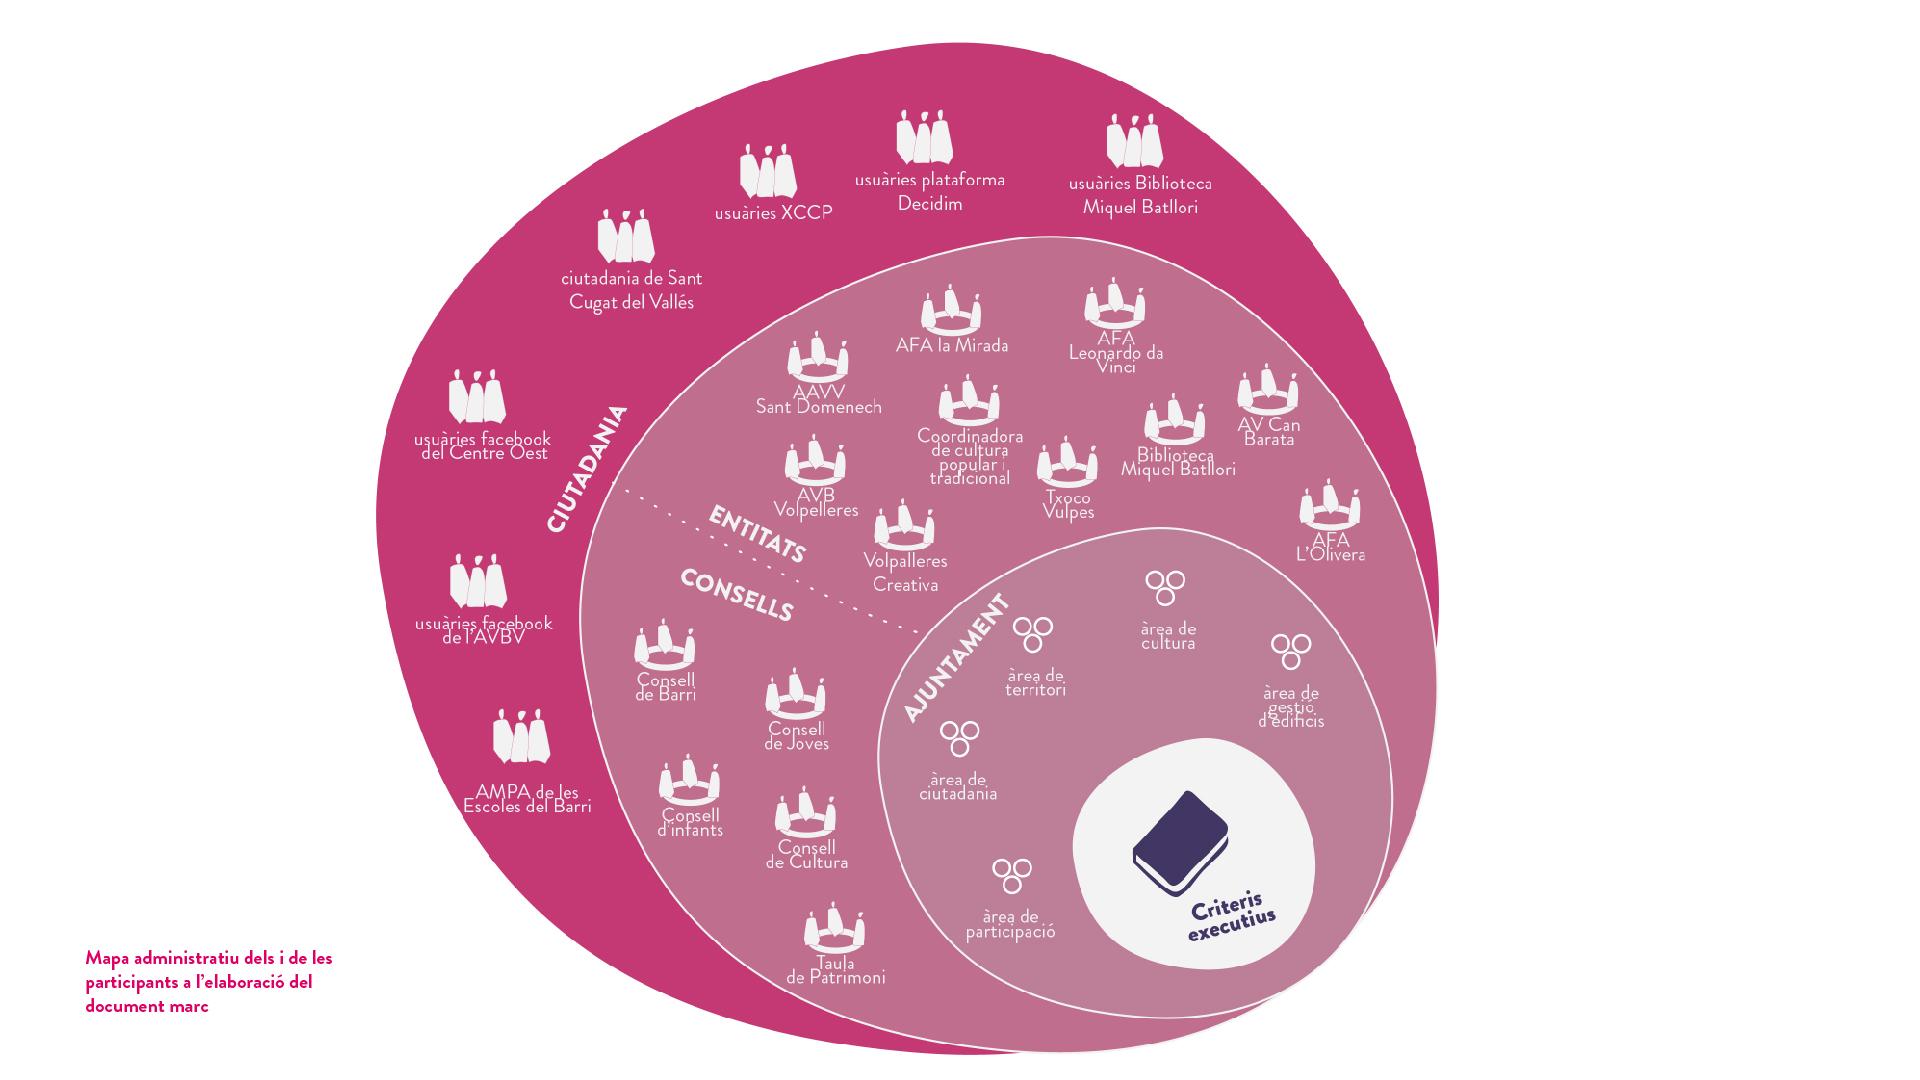 plantilla fotos_Mapa administratiu dels i de les participants a l'elaboració del document marc